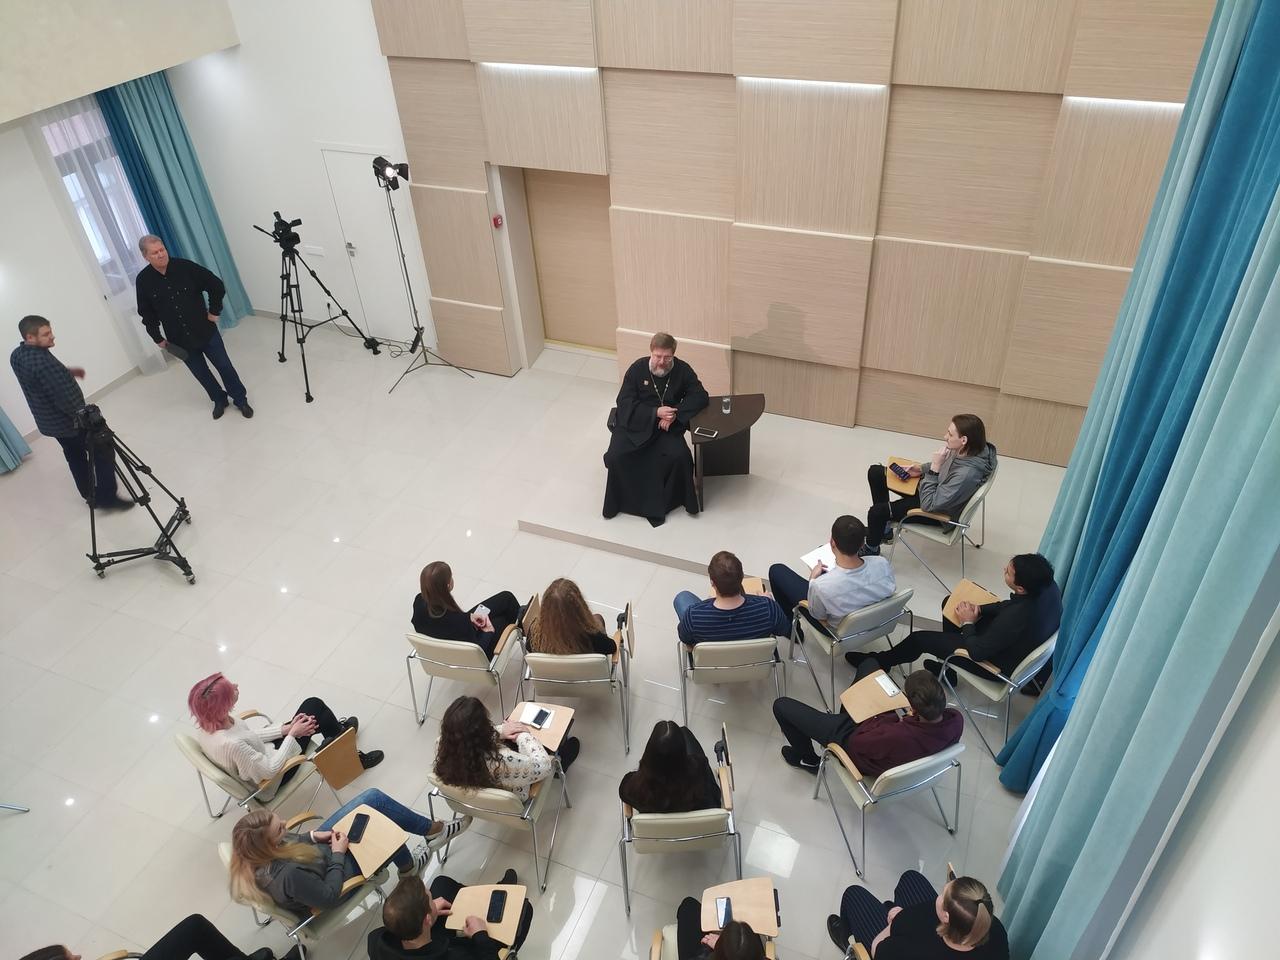 Епархиальная видео-студия покажет цикл ТВ-программ в формате ток-шоу